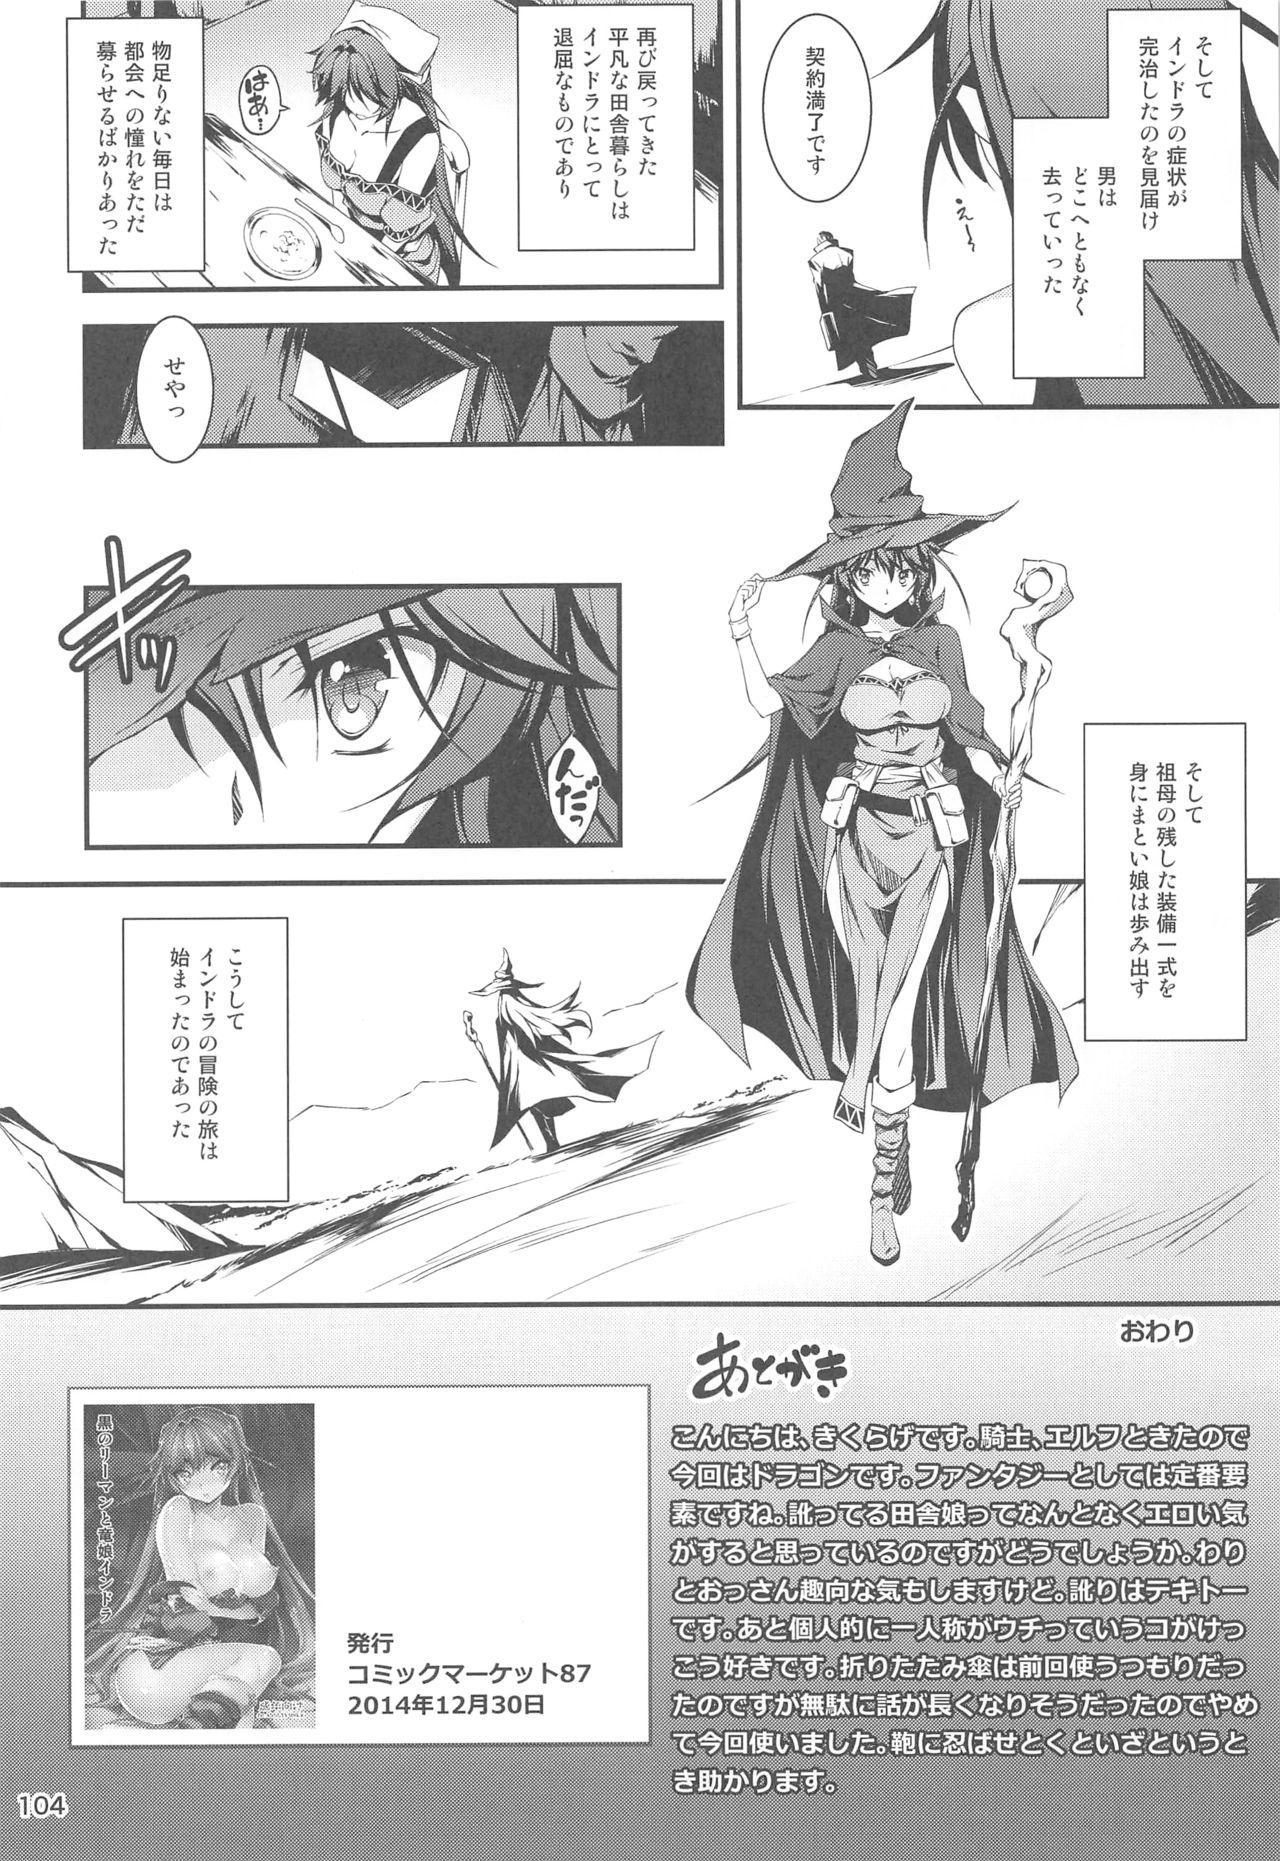 Ryman Fantasy Kuro no Ryman Soushuuhen 102